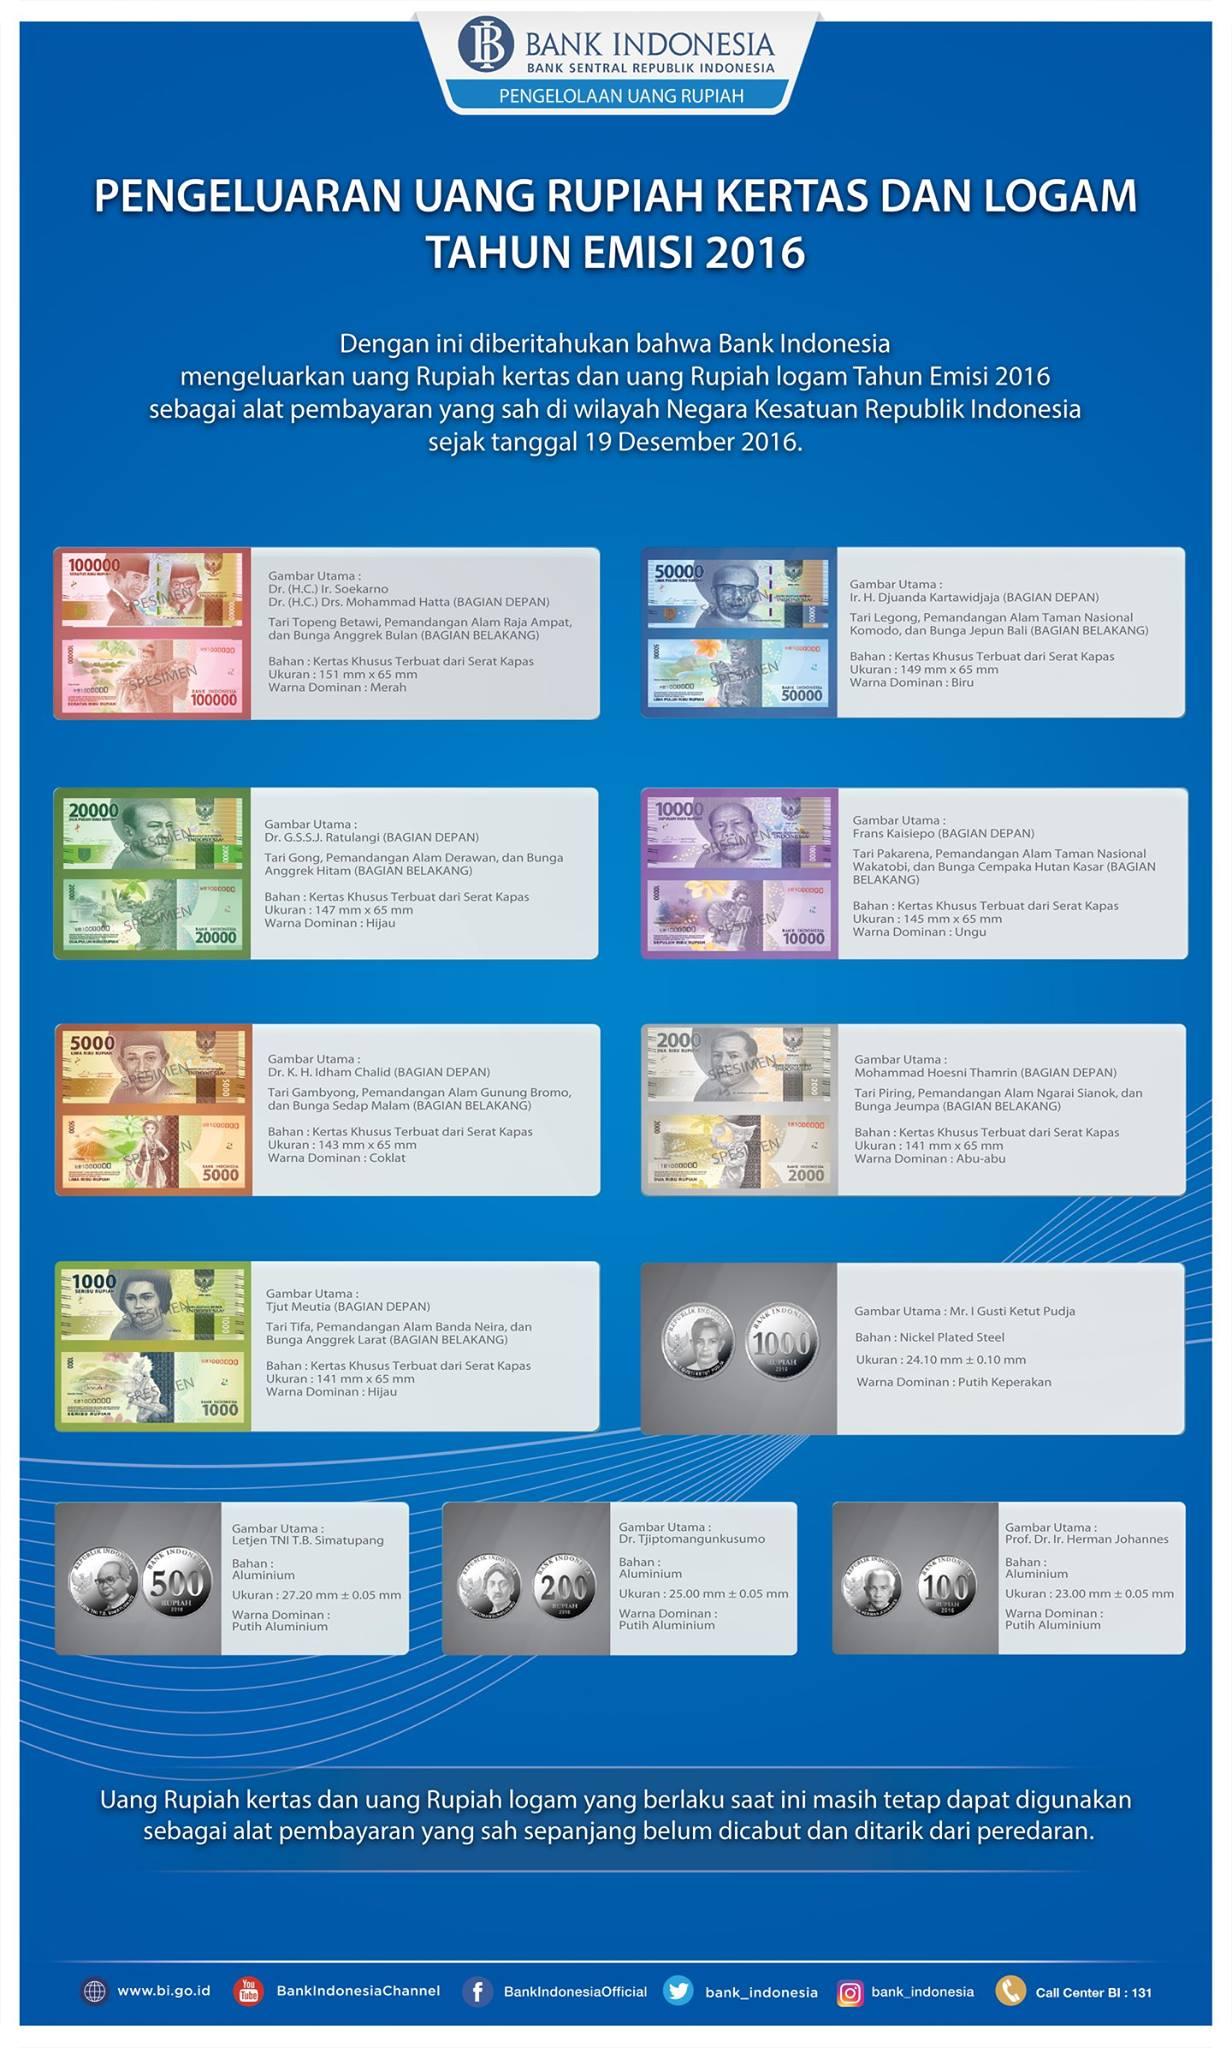 Uang Rupiah Kertas dan Logam Tahun Emisi 2016